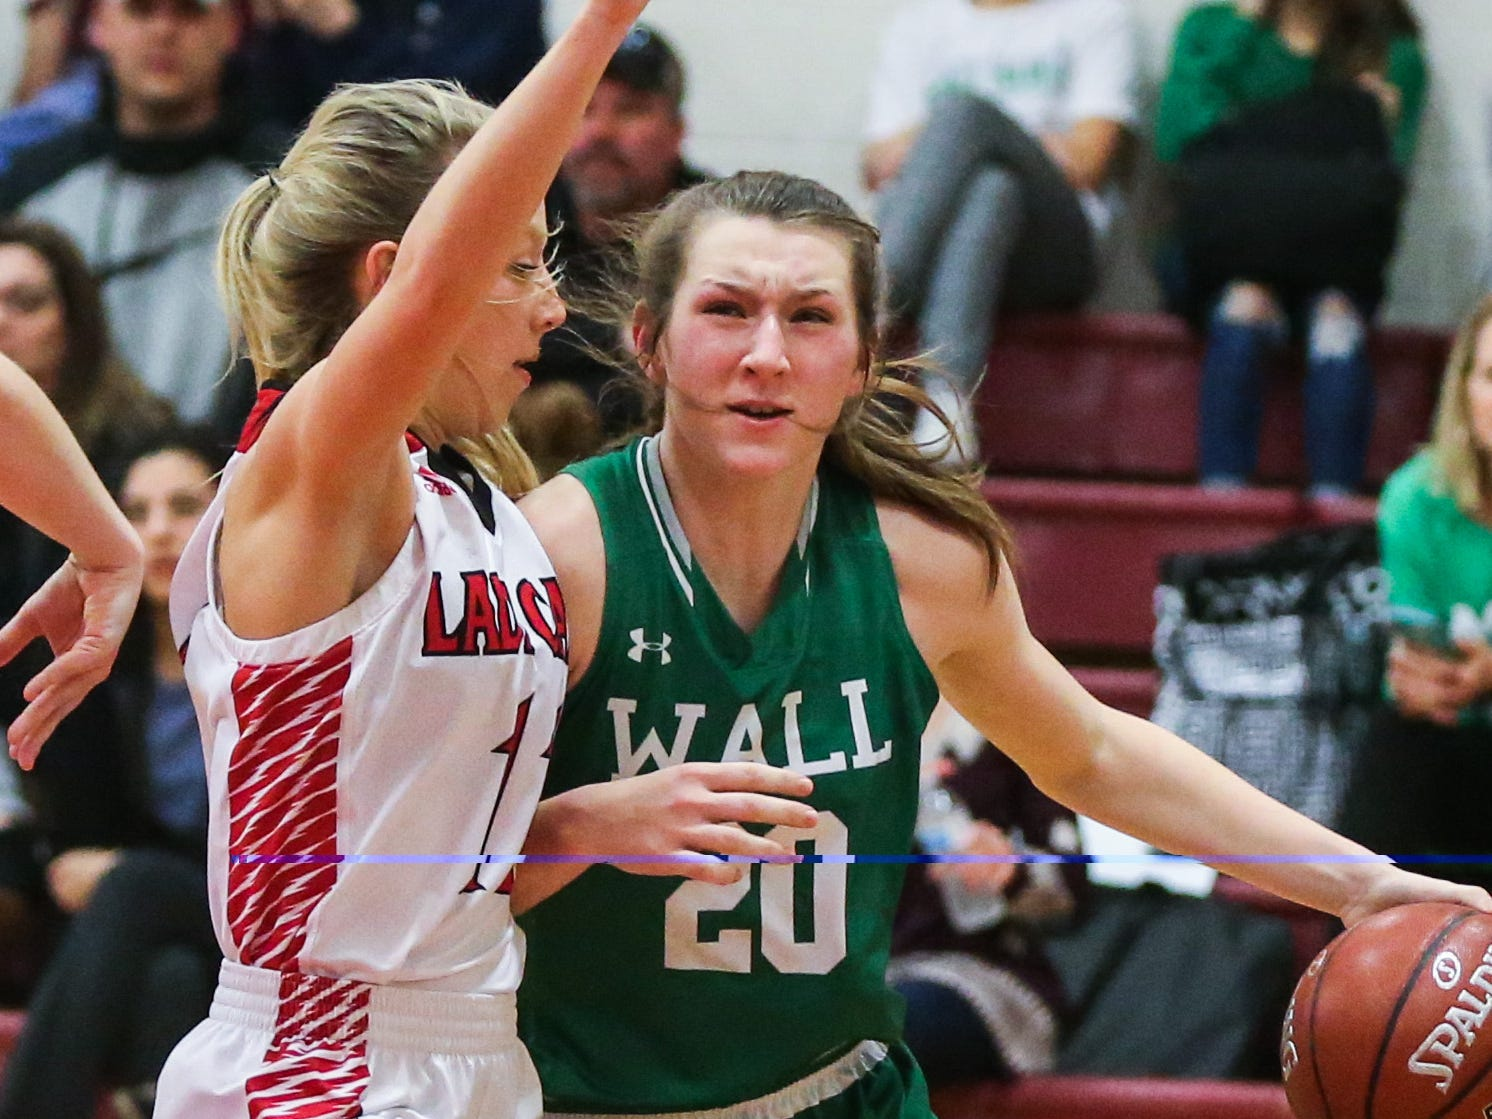 Wall's Landry Reynolds dribbles the ball against Ballinger Tuesday, Jan. 8, 2019, in Ballinger High School.